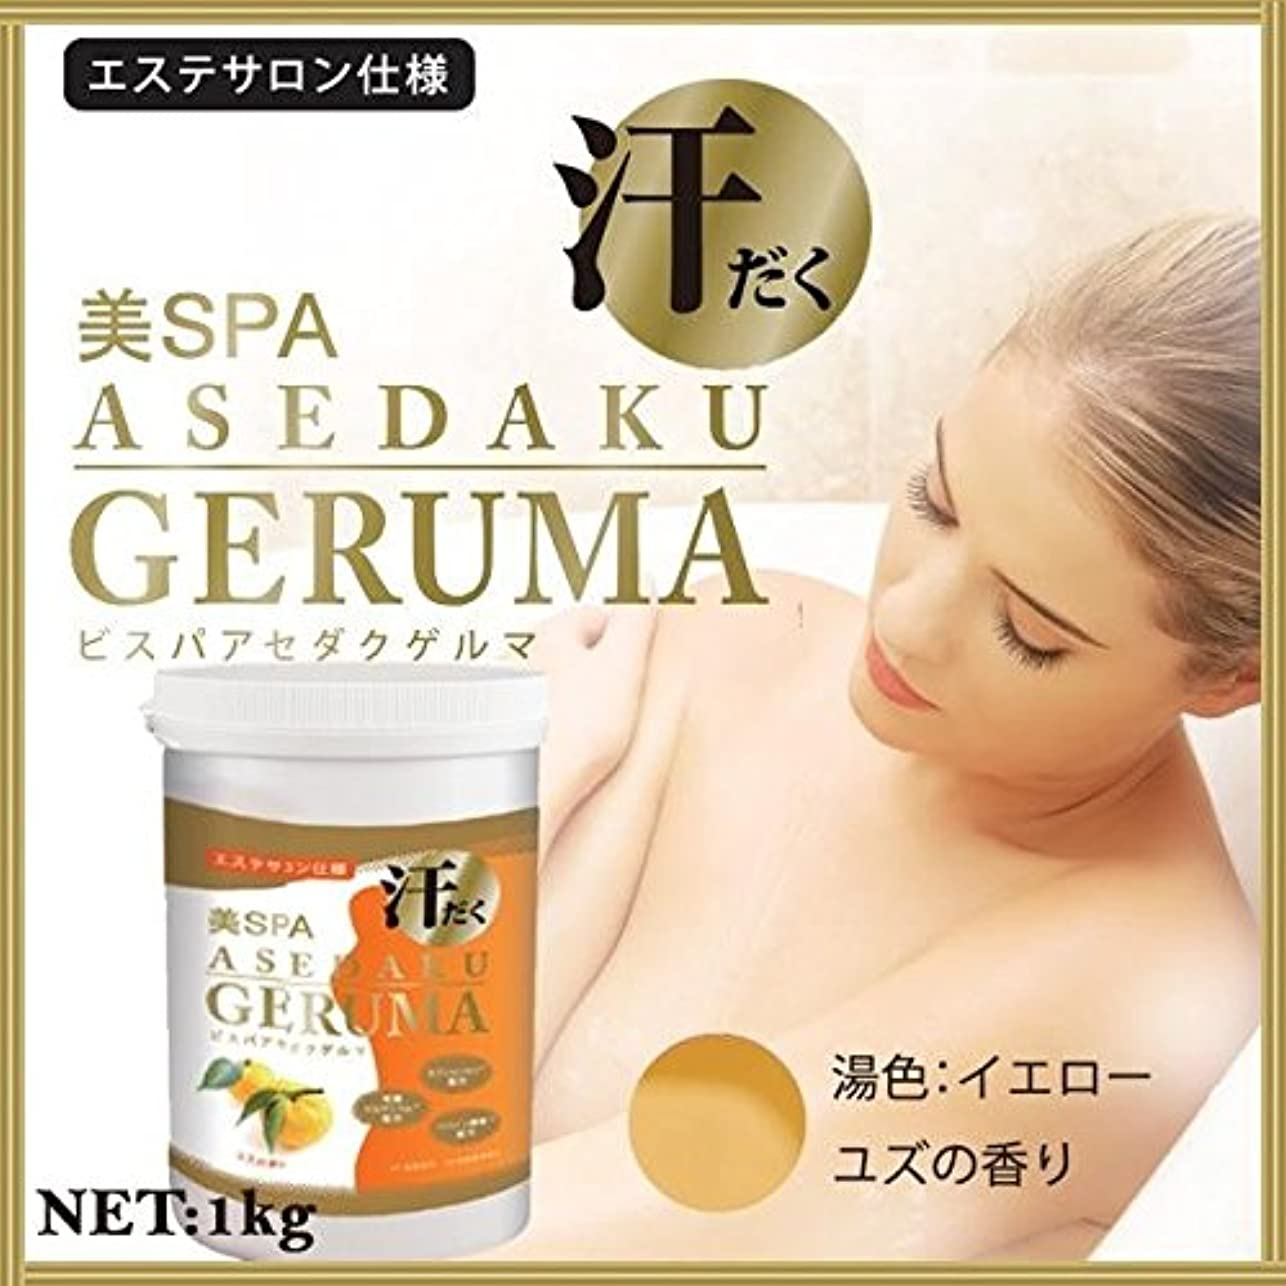 素晴らしきダーリン確かにゲルマニウム入浴料 美SPA ASEDAKU GERUMA YUZU(ゆず) ボトル 1kg